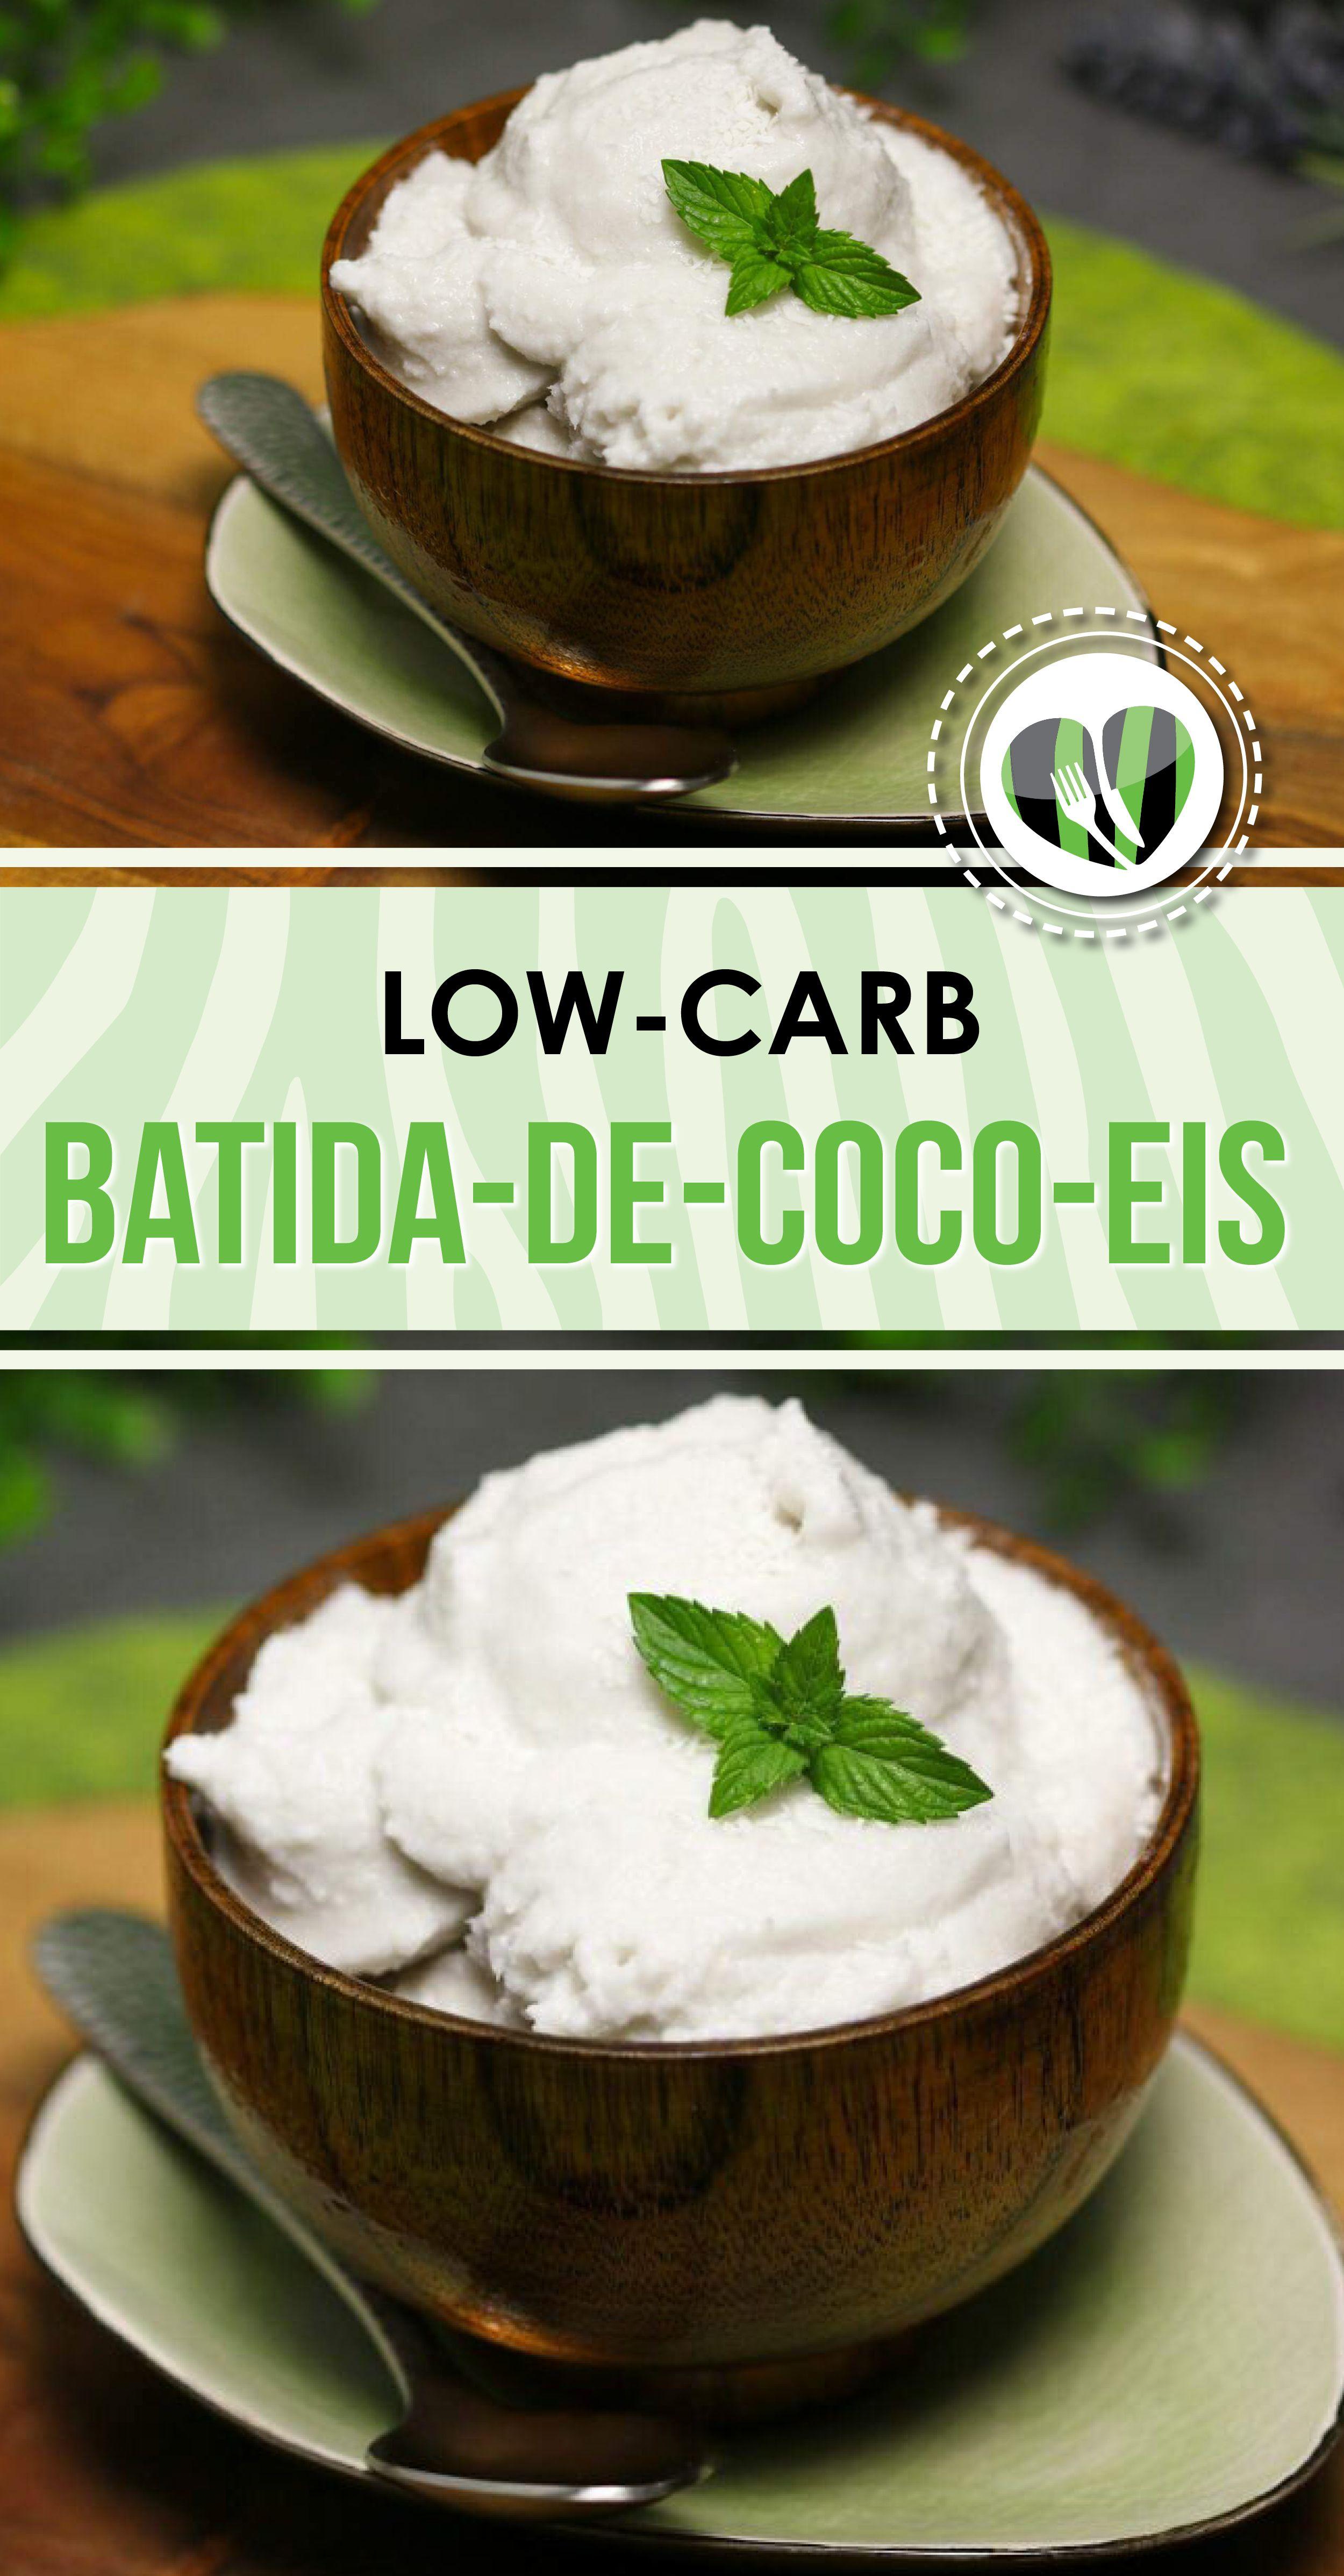 Batida-de-Coco-Eis isr Low Carb, glutenfrei, zuckerfrei und sogar vegan. Dazu schmeckt das Cocktail-Eis richtig lecker! #lowcarbveggies